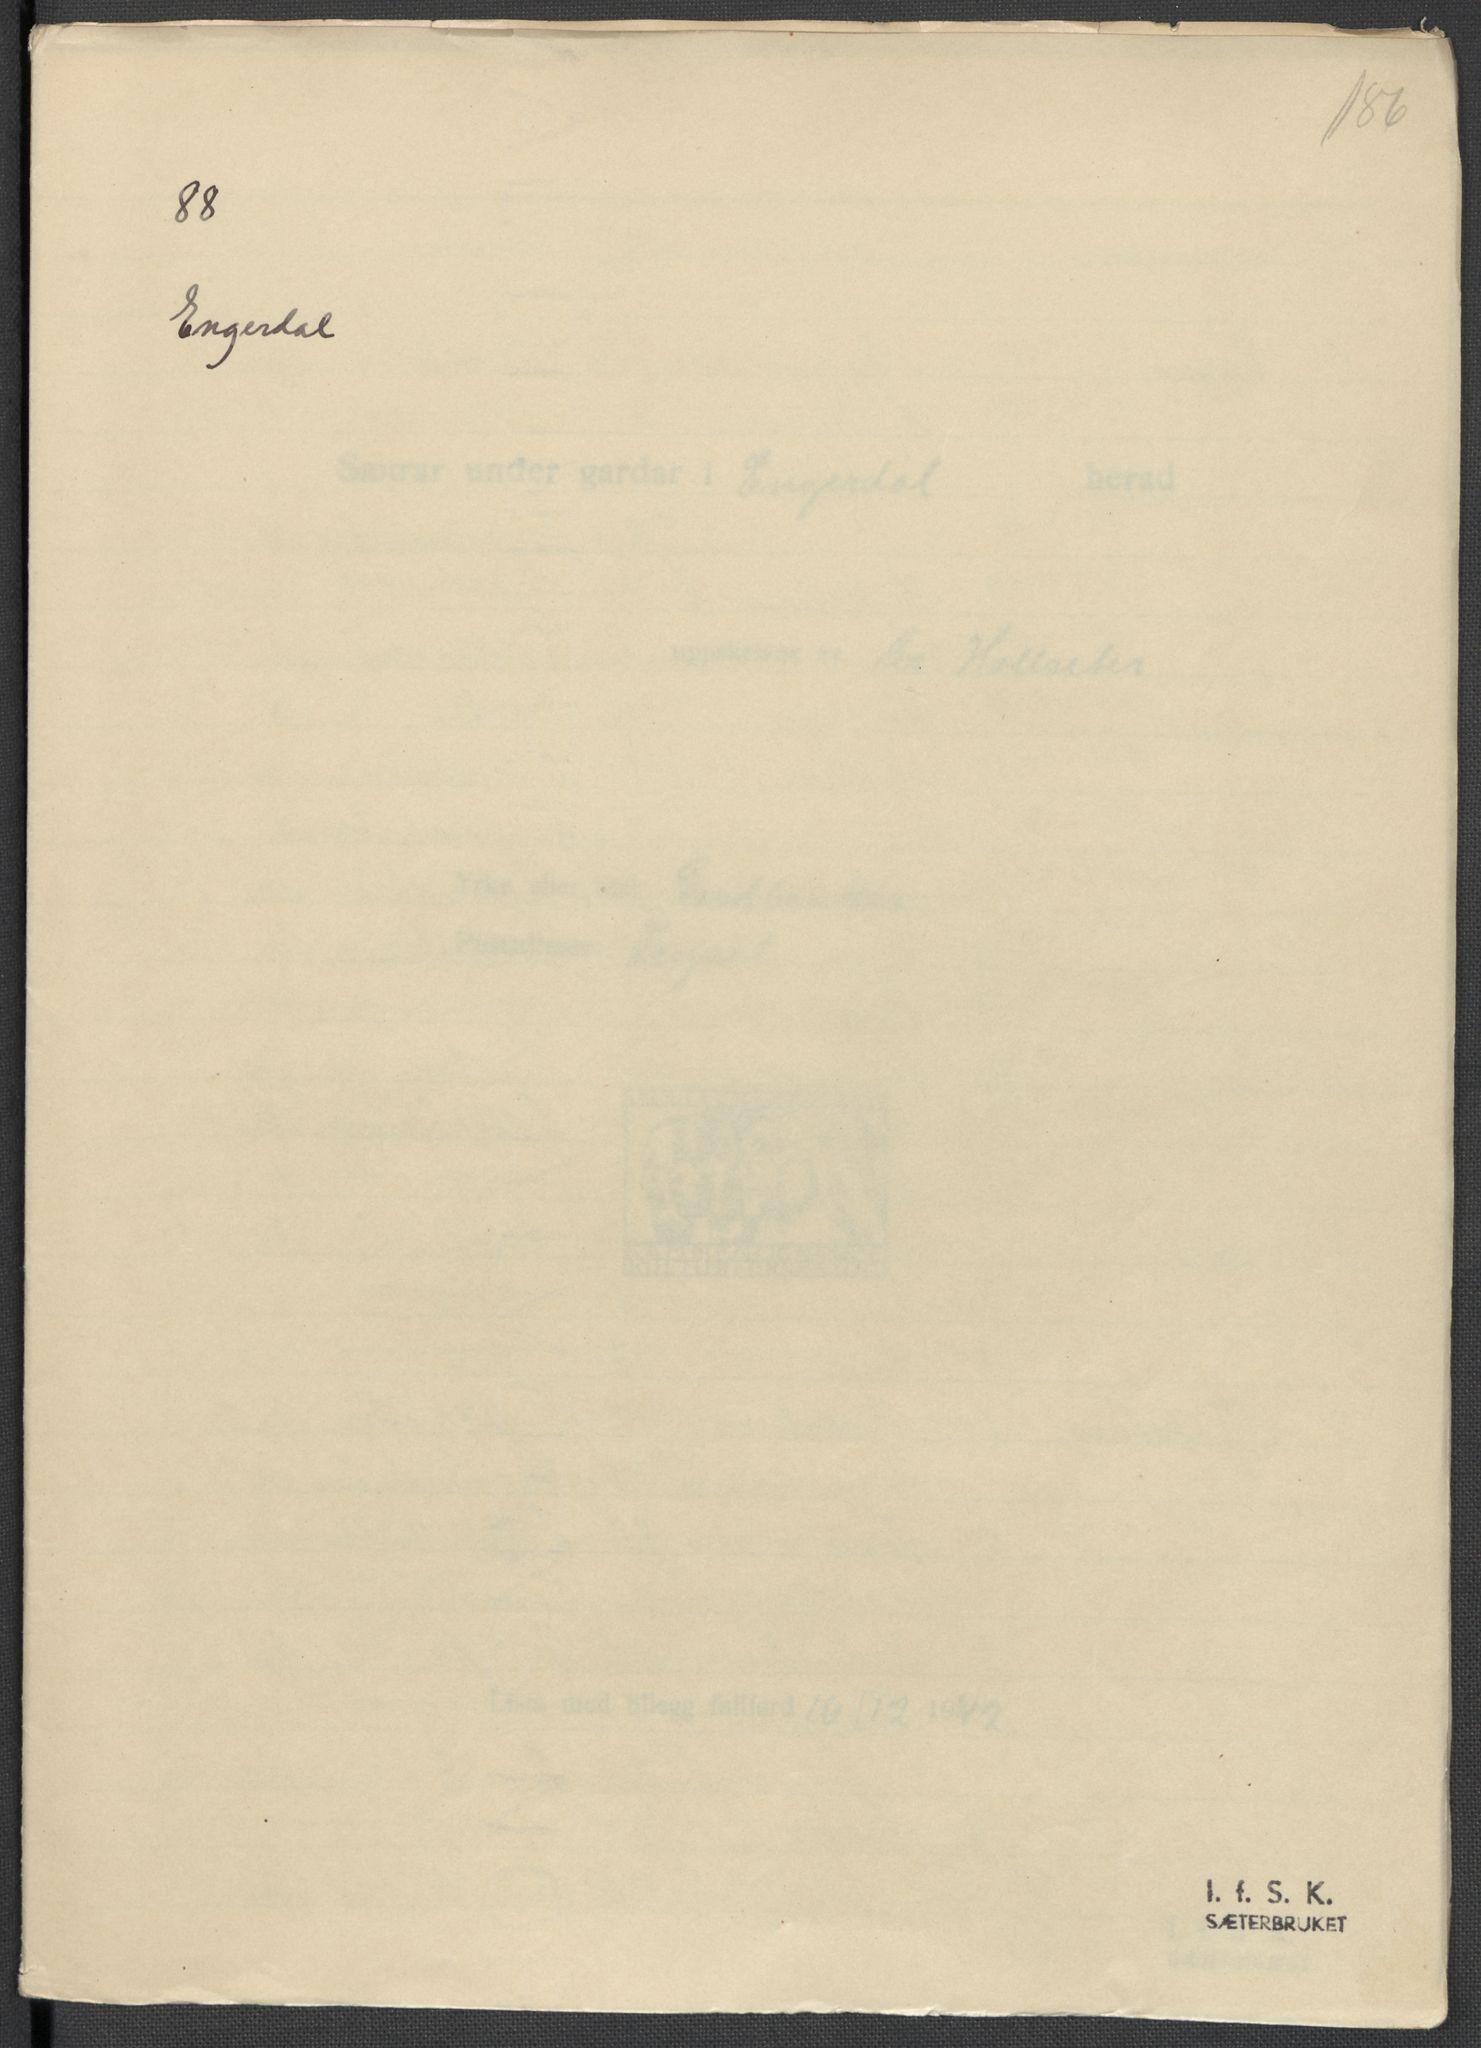 RA, Instituttet for sammenlignende kulturforskning, F/Fc/L0003: Eske B3:, 1933-1939, s. 186